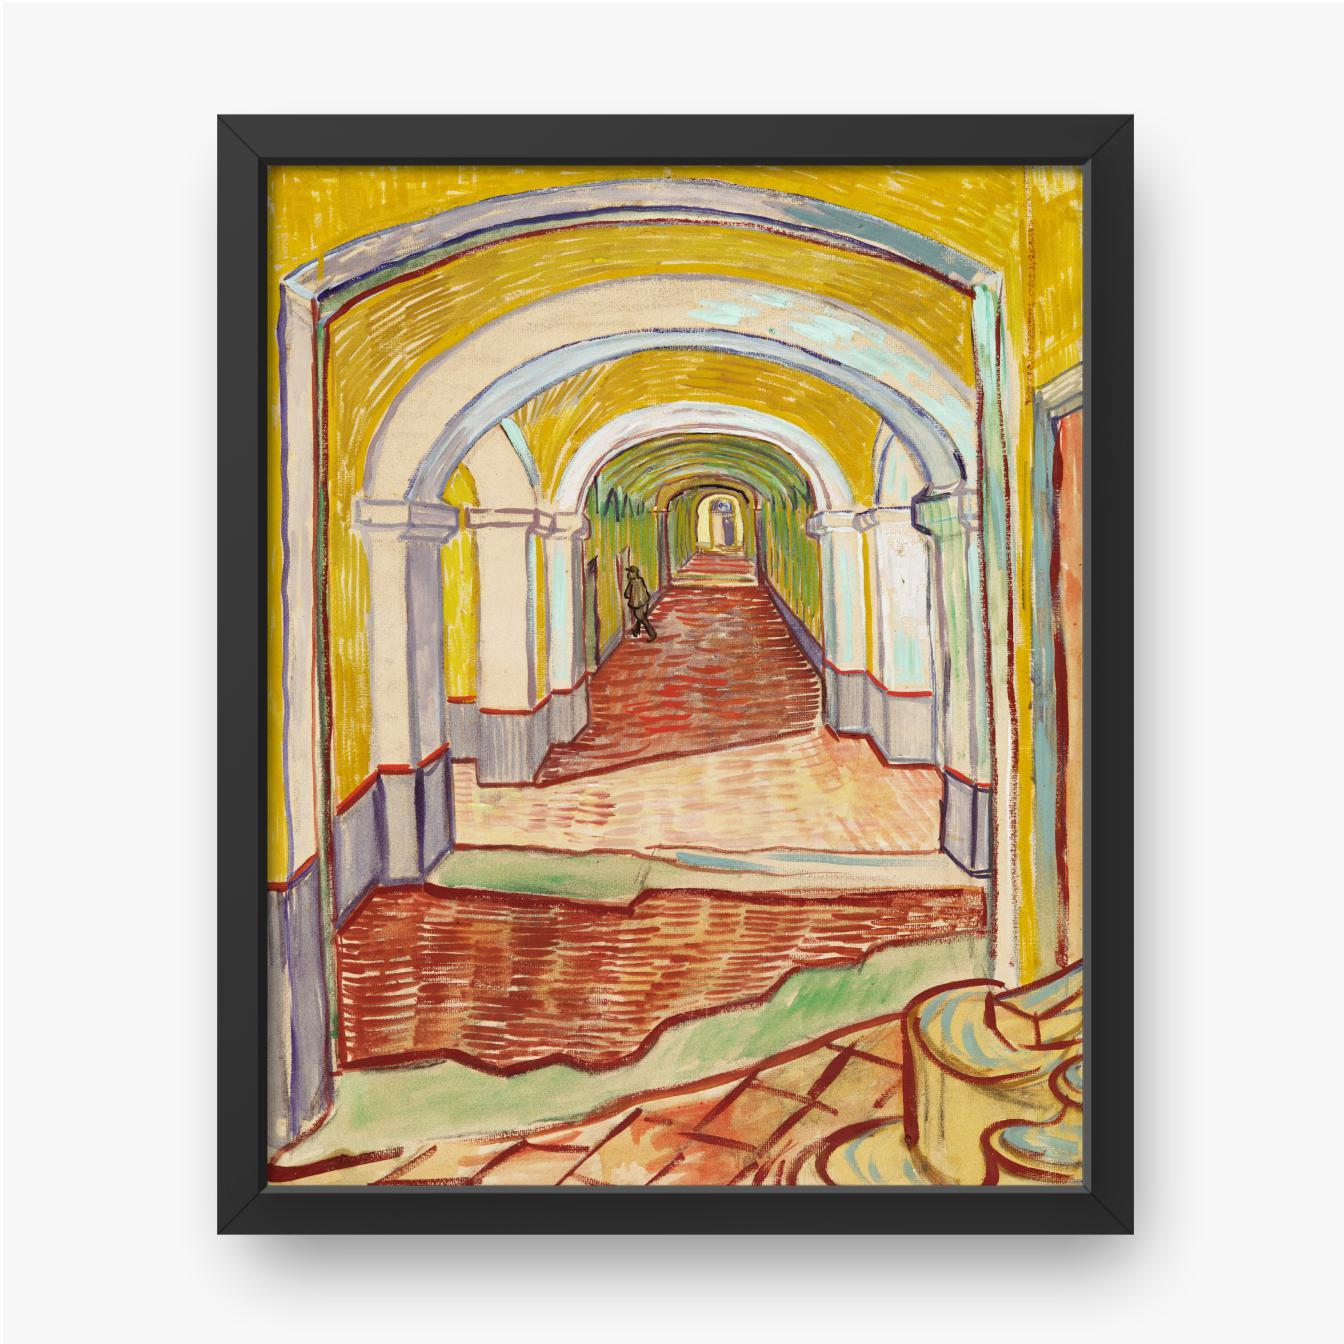 Vincent van Gogh, Korridor in der Anstalt, 1889